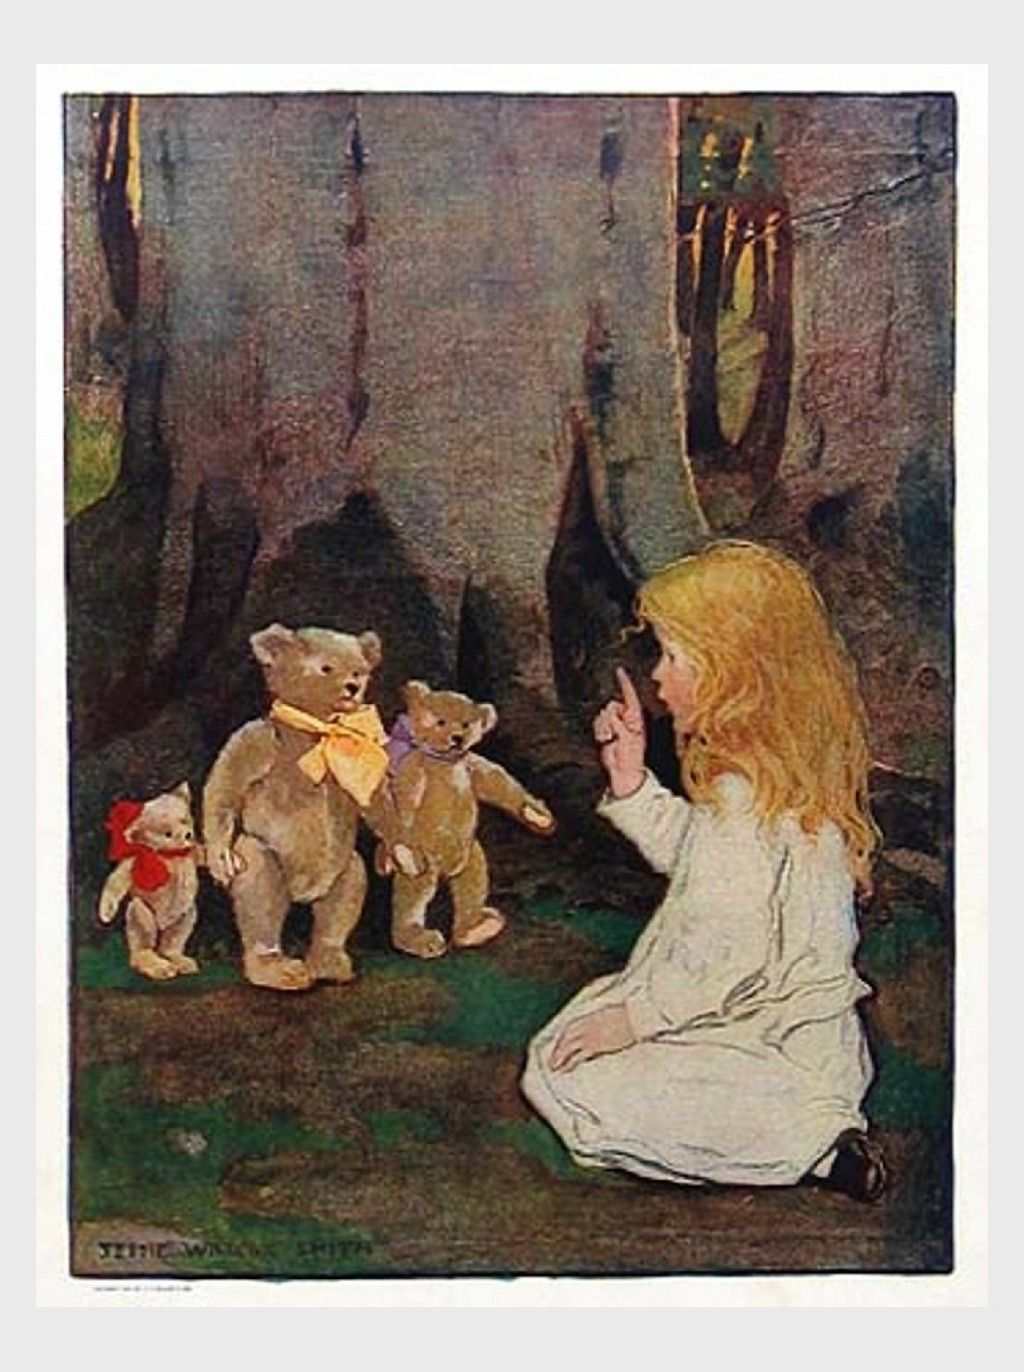 Jessie Willcox Smith (1863 - 1935, American) | Goldilocks